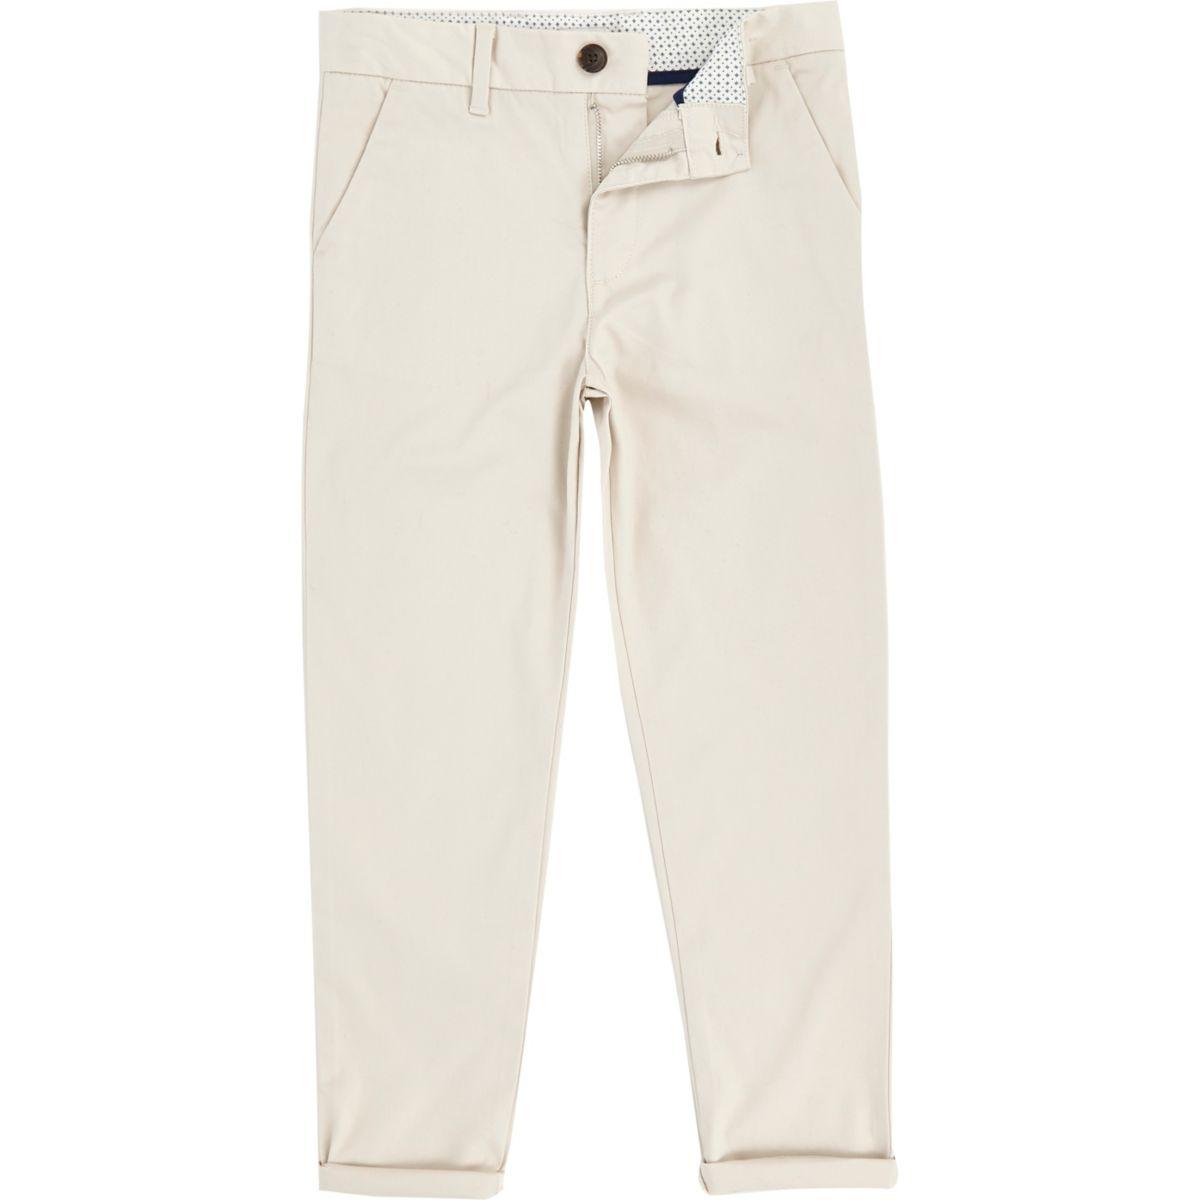 Dylan – Pantalon chino slim grège pour garçon